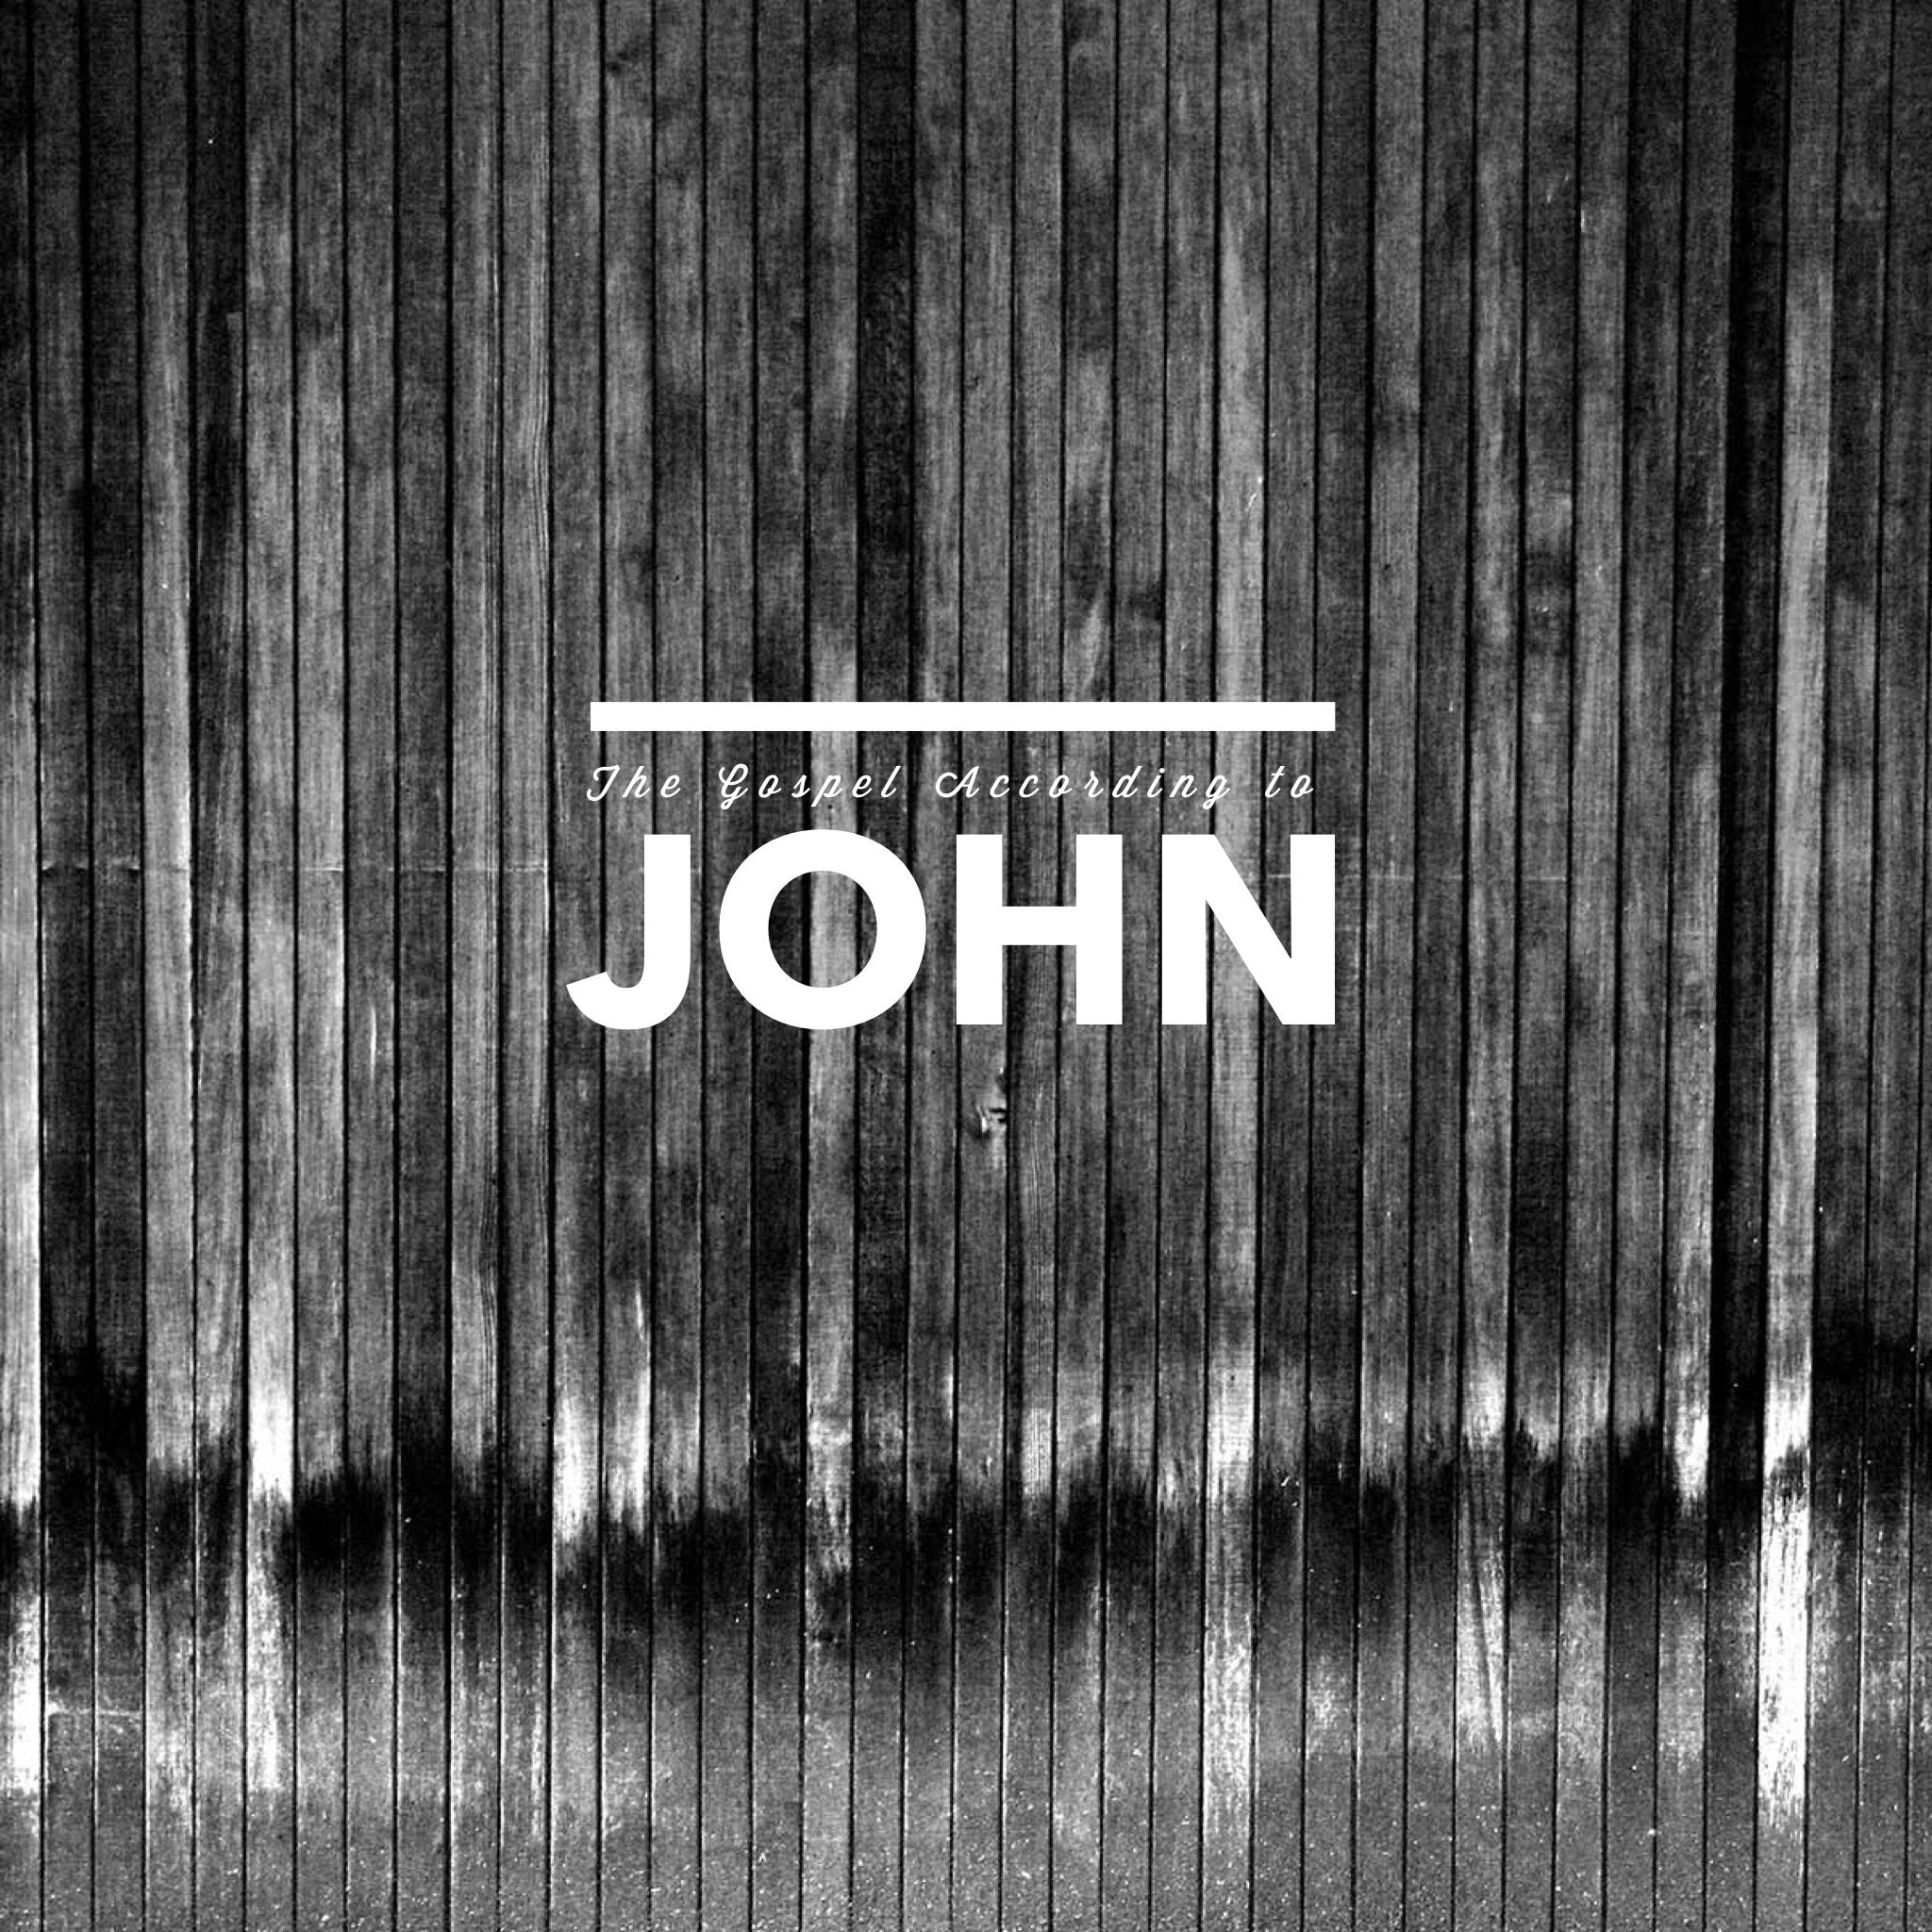 John+%28Black%29.jpg